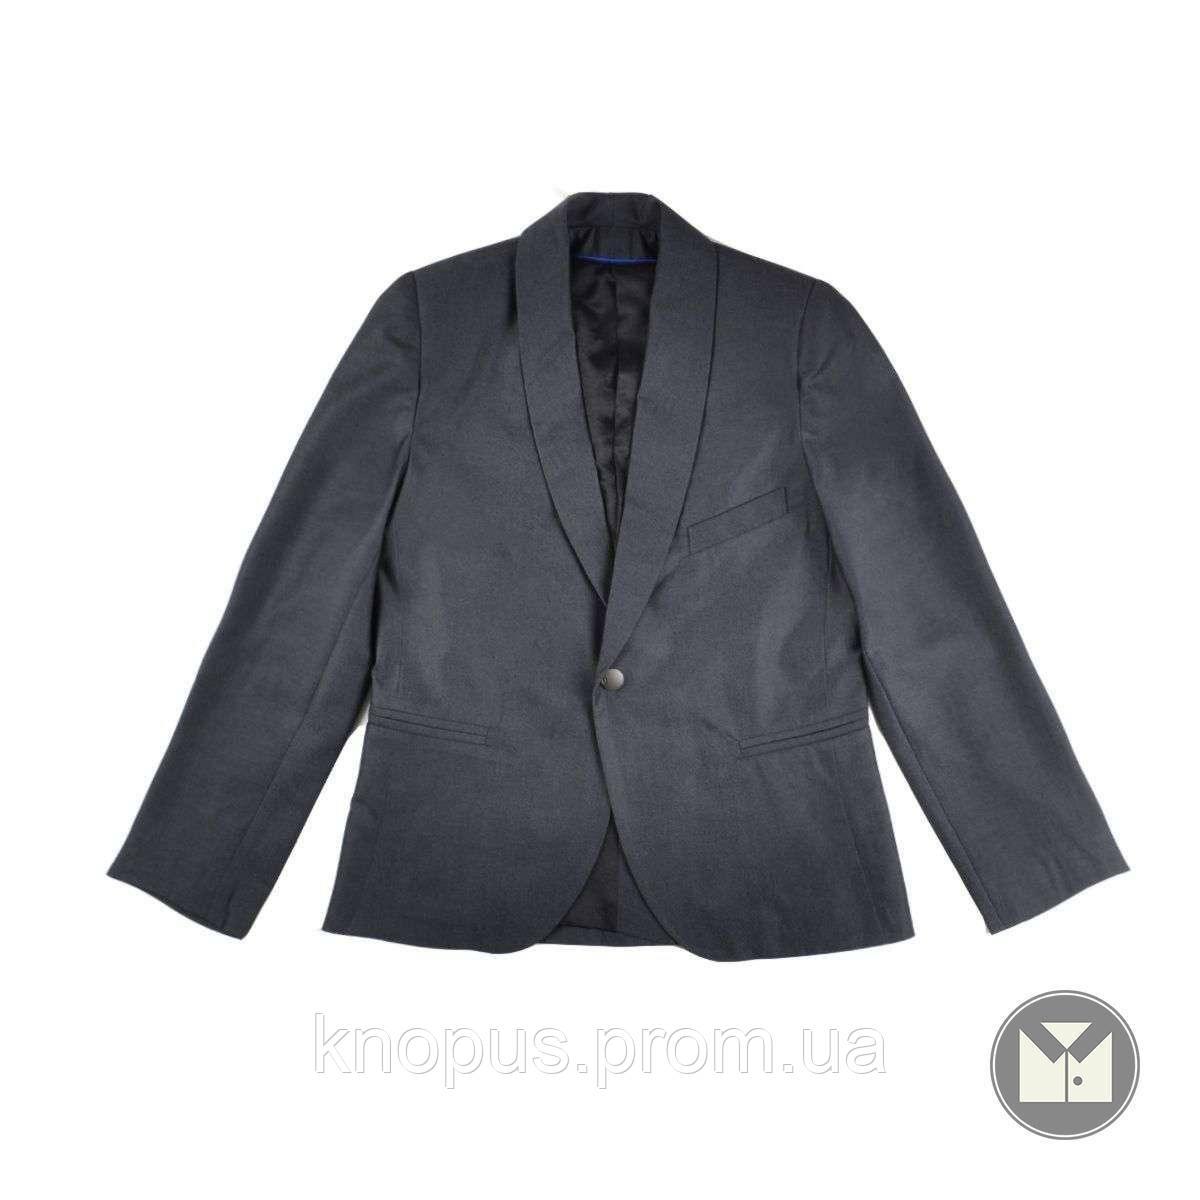 Копия Пиджак для мальчика серый (P029504) Тимбо